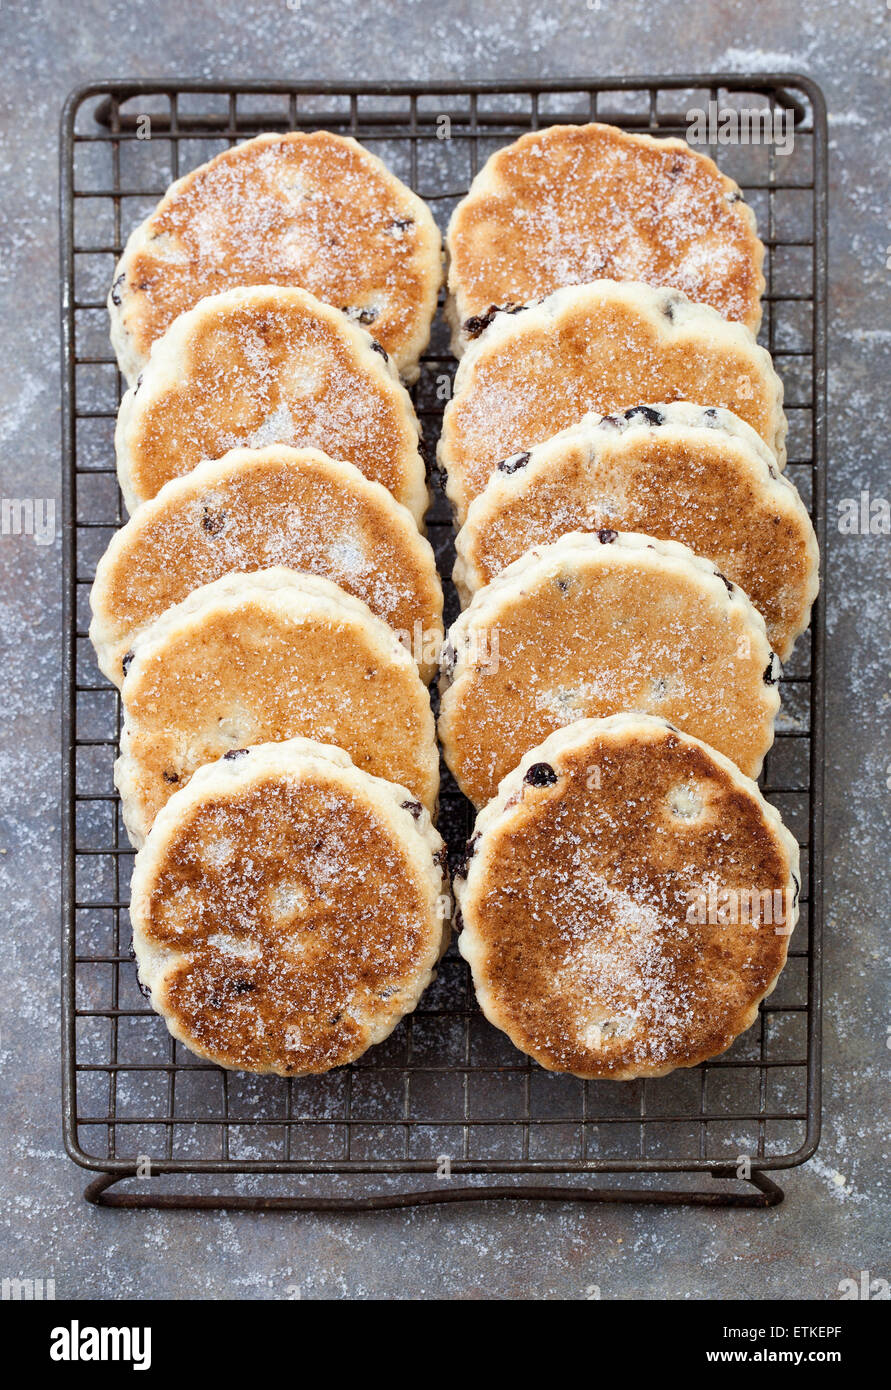 Gâteaux gallois ou Welshcakes (ou photos) - un aliment traditionnel délicatesse au Pays de Galles Photo Stock